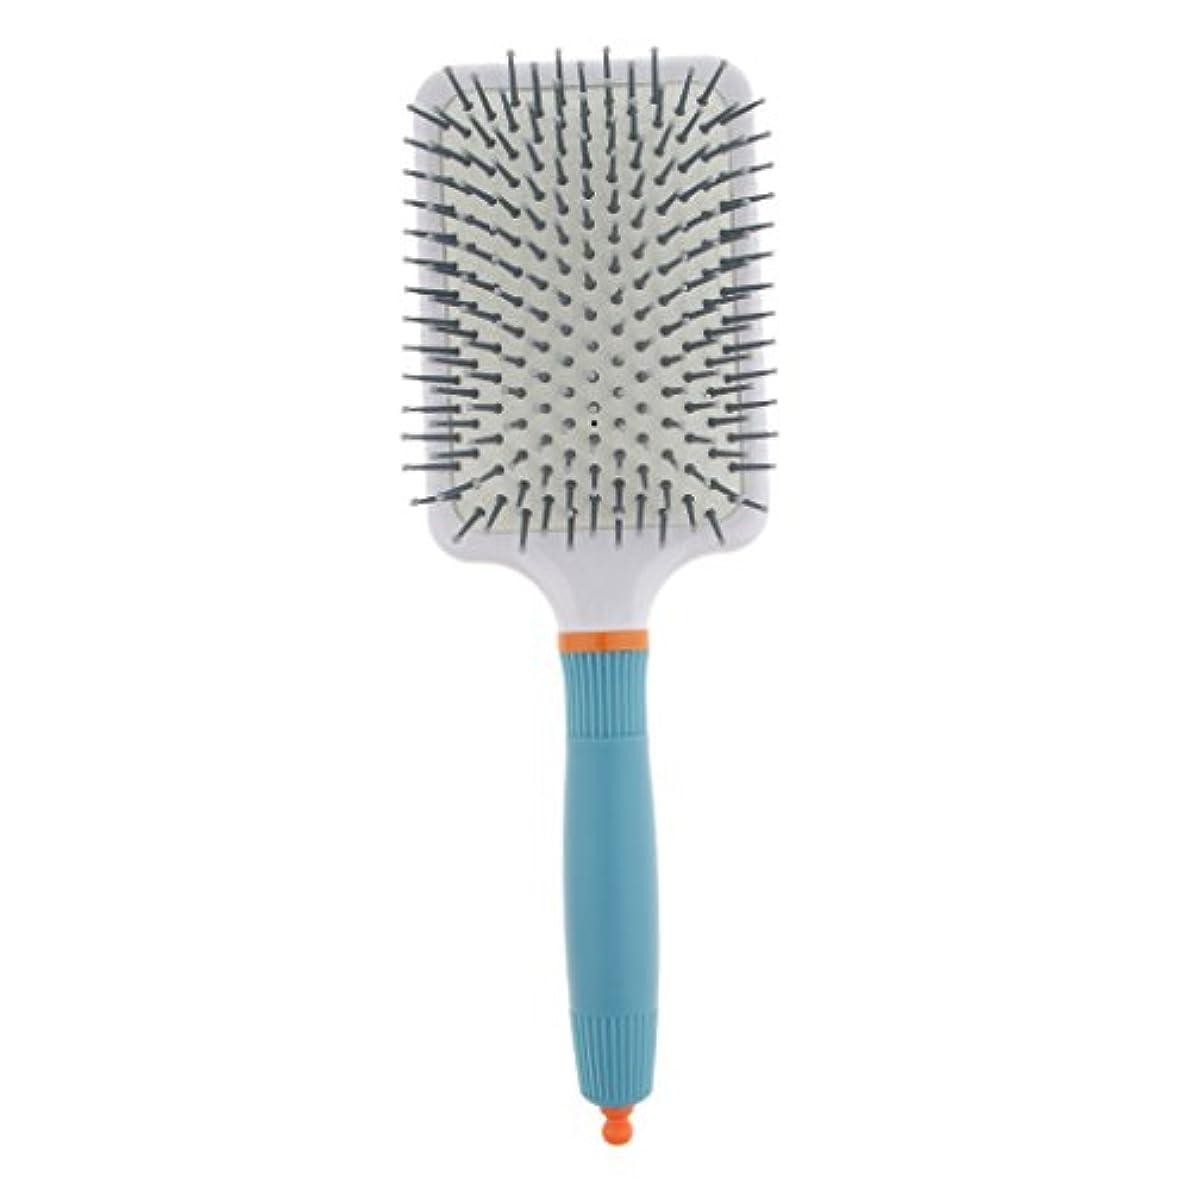 処方する順応性のある静める頭皮マッサージ ヘアブラシ 櫛 パドル エアクッション櫛 2色選べる - ライトブルー